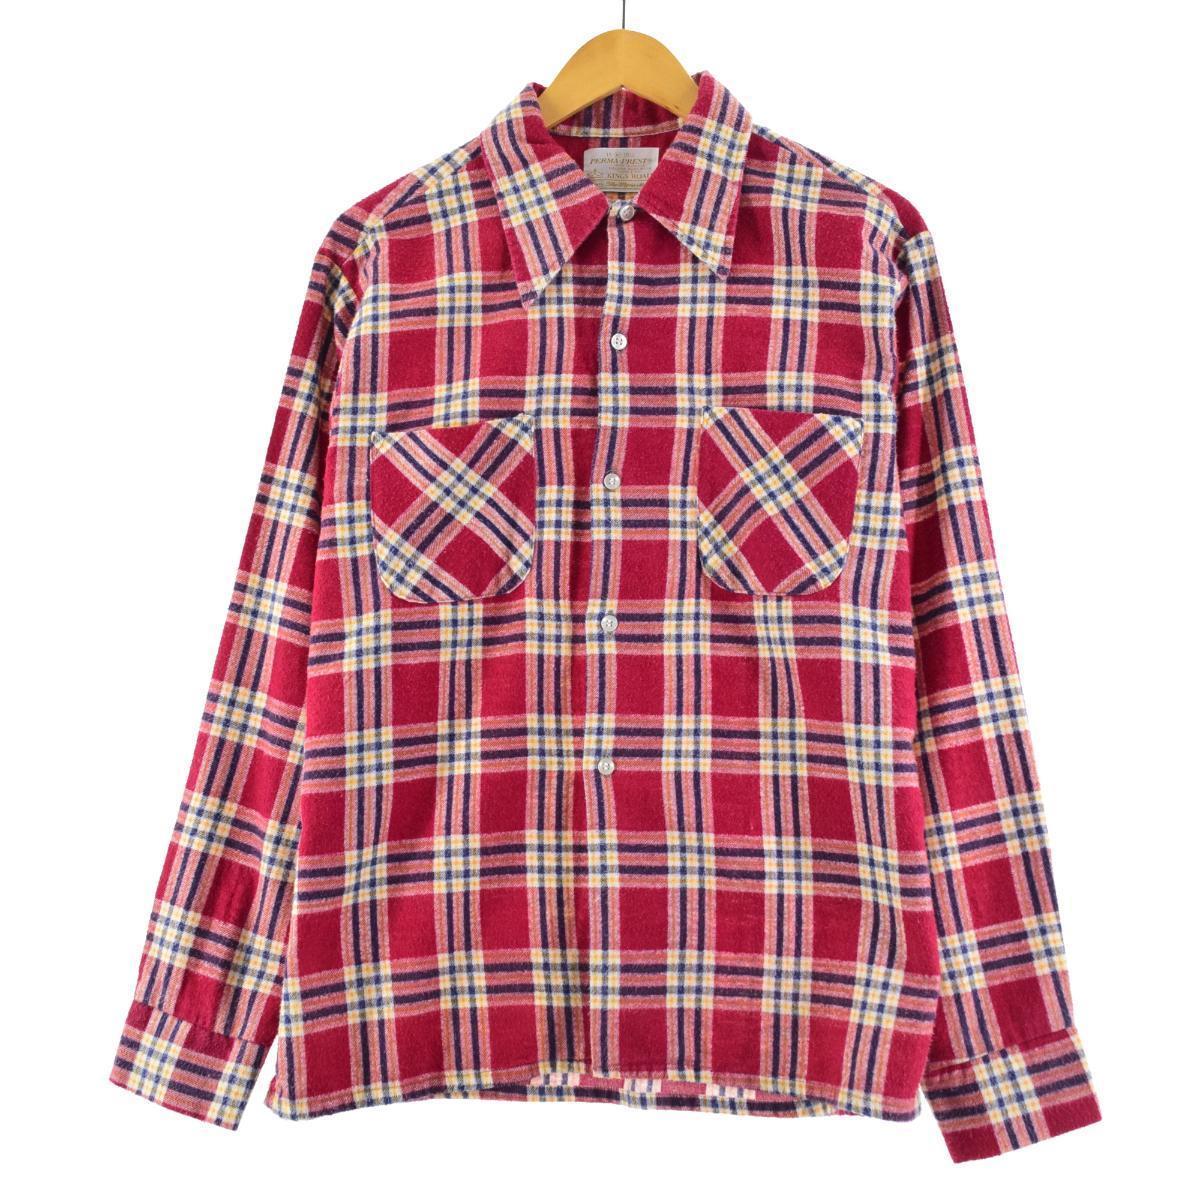 70年代 シアーズ Sears KINGS ROAD キングスロード チェック柄 長袖 プリントネル ボックスシャツ